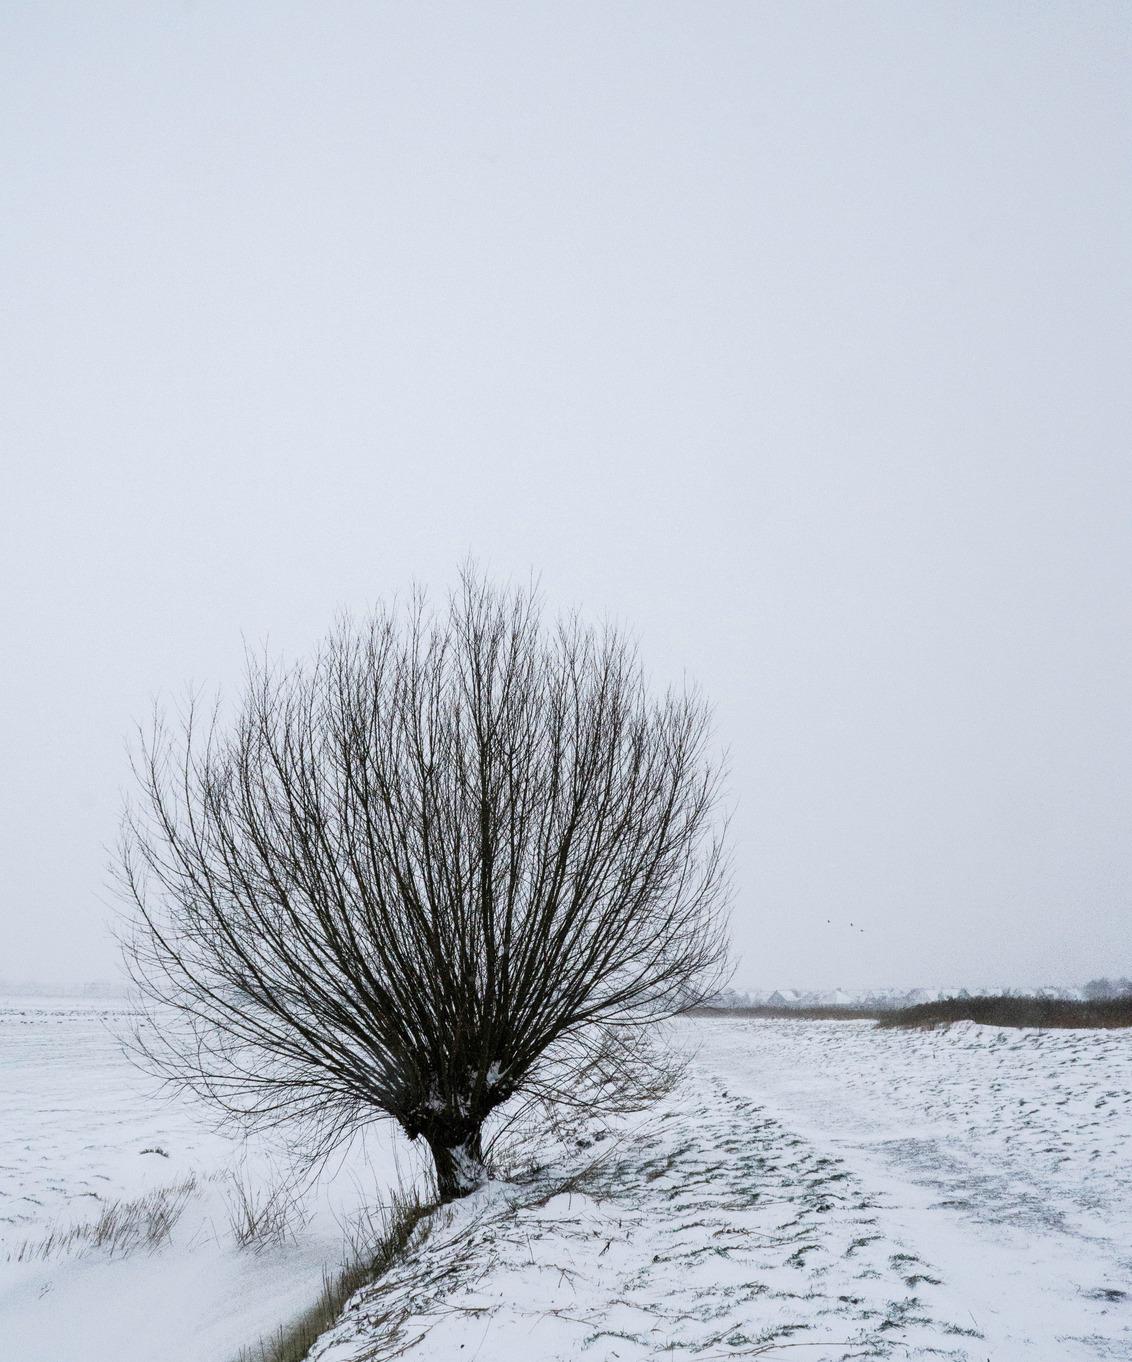 knotwilg - Sneeuw landschap - foto door yboschutte op 08-03-2021 - deze foto bevat: sneeuw, winter